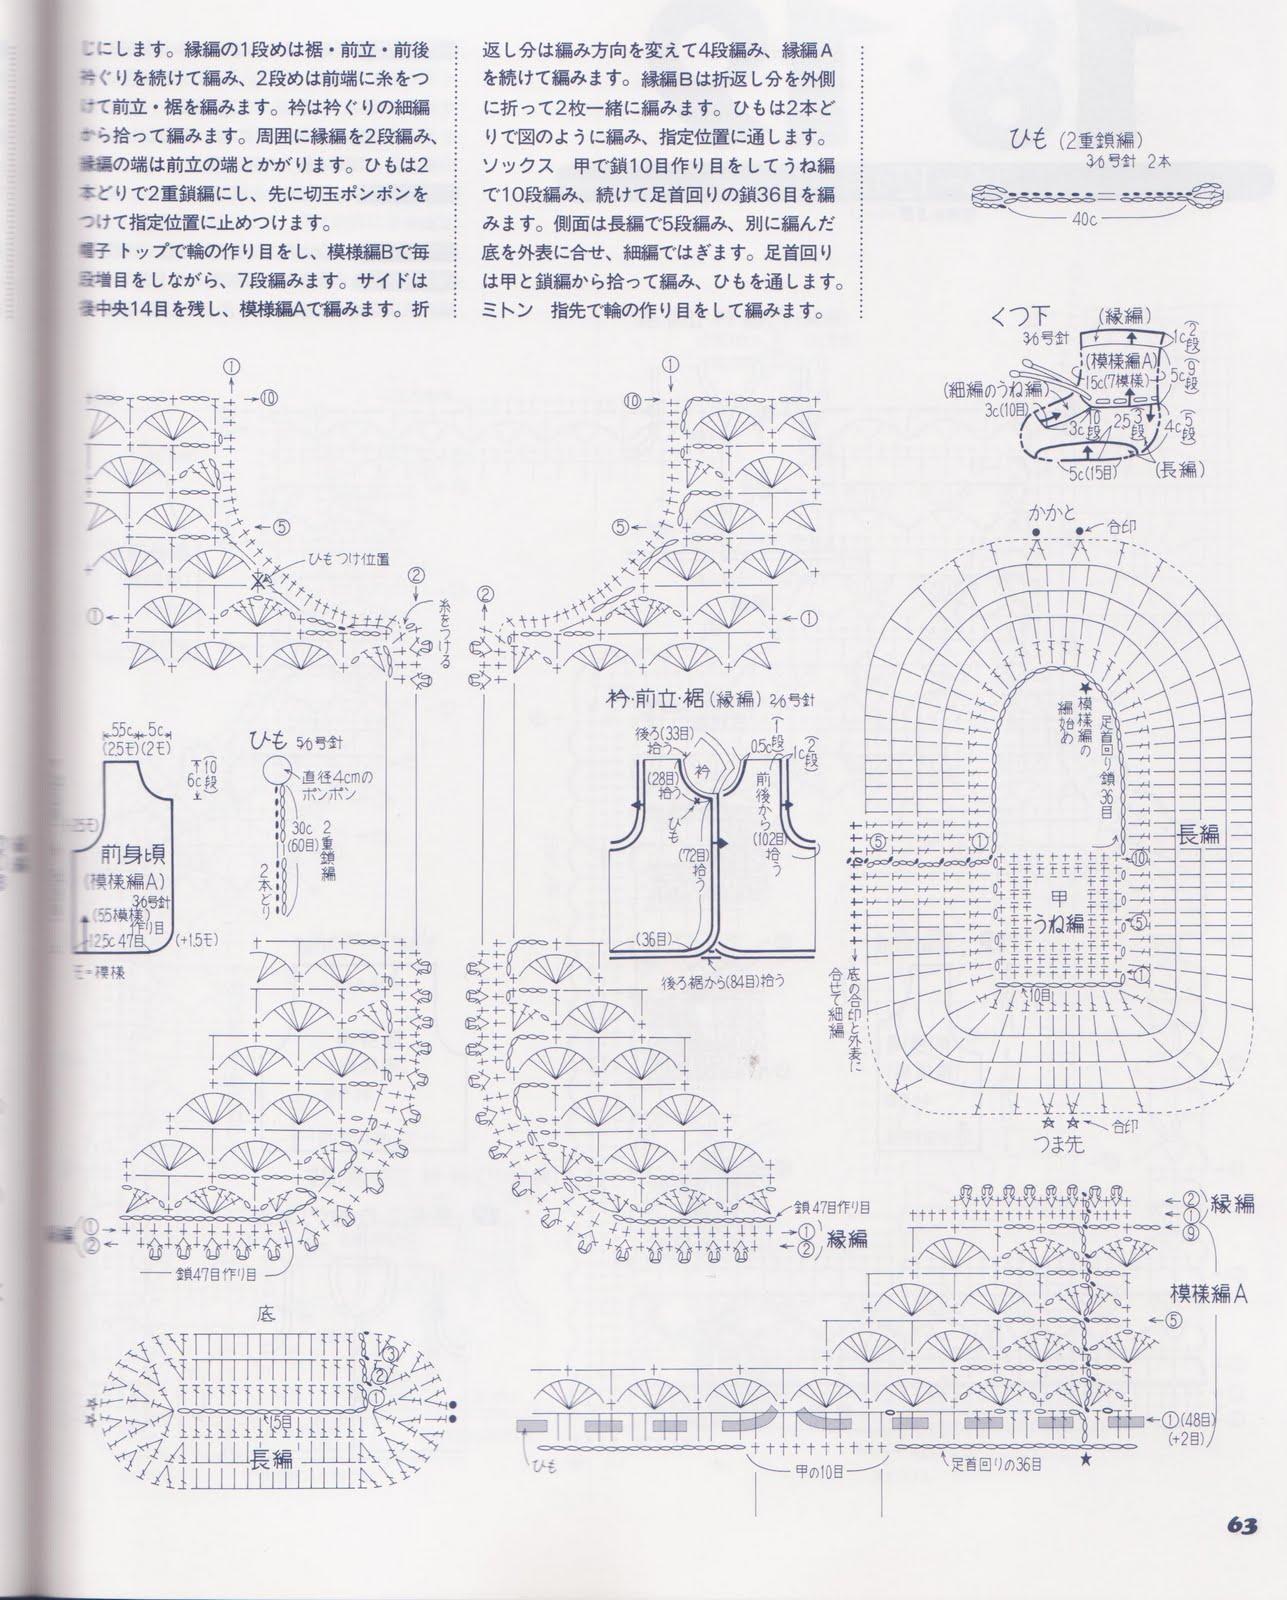 Colete De Croche Com Grafico Consejos De Fotografía #3E4261 1287x1600 Balança Digital Banheiro Ponto Frio